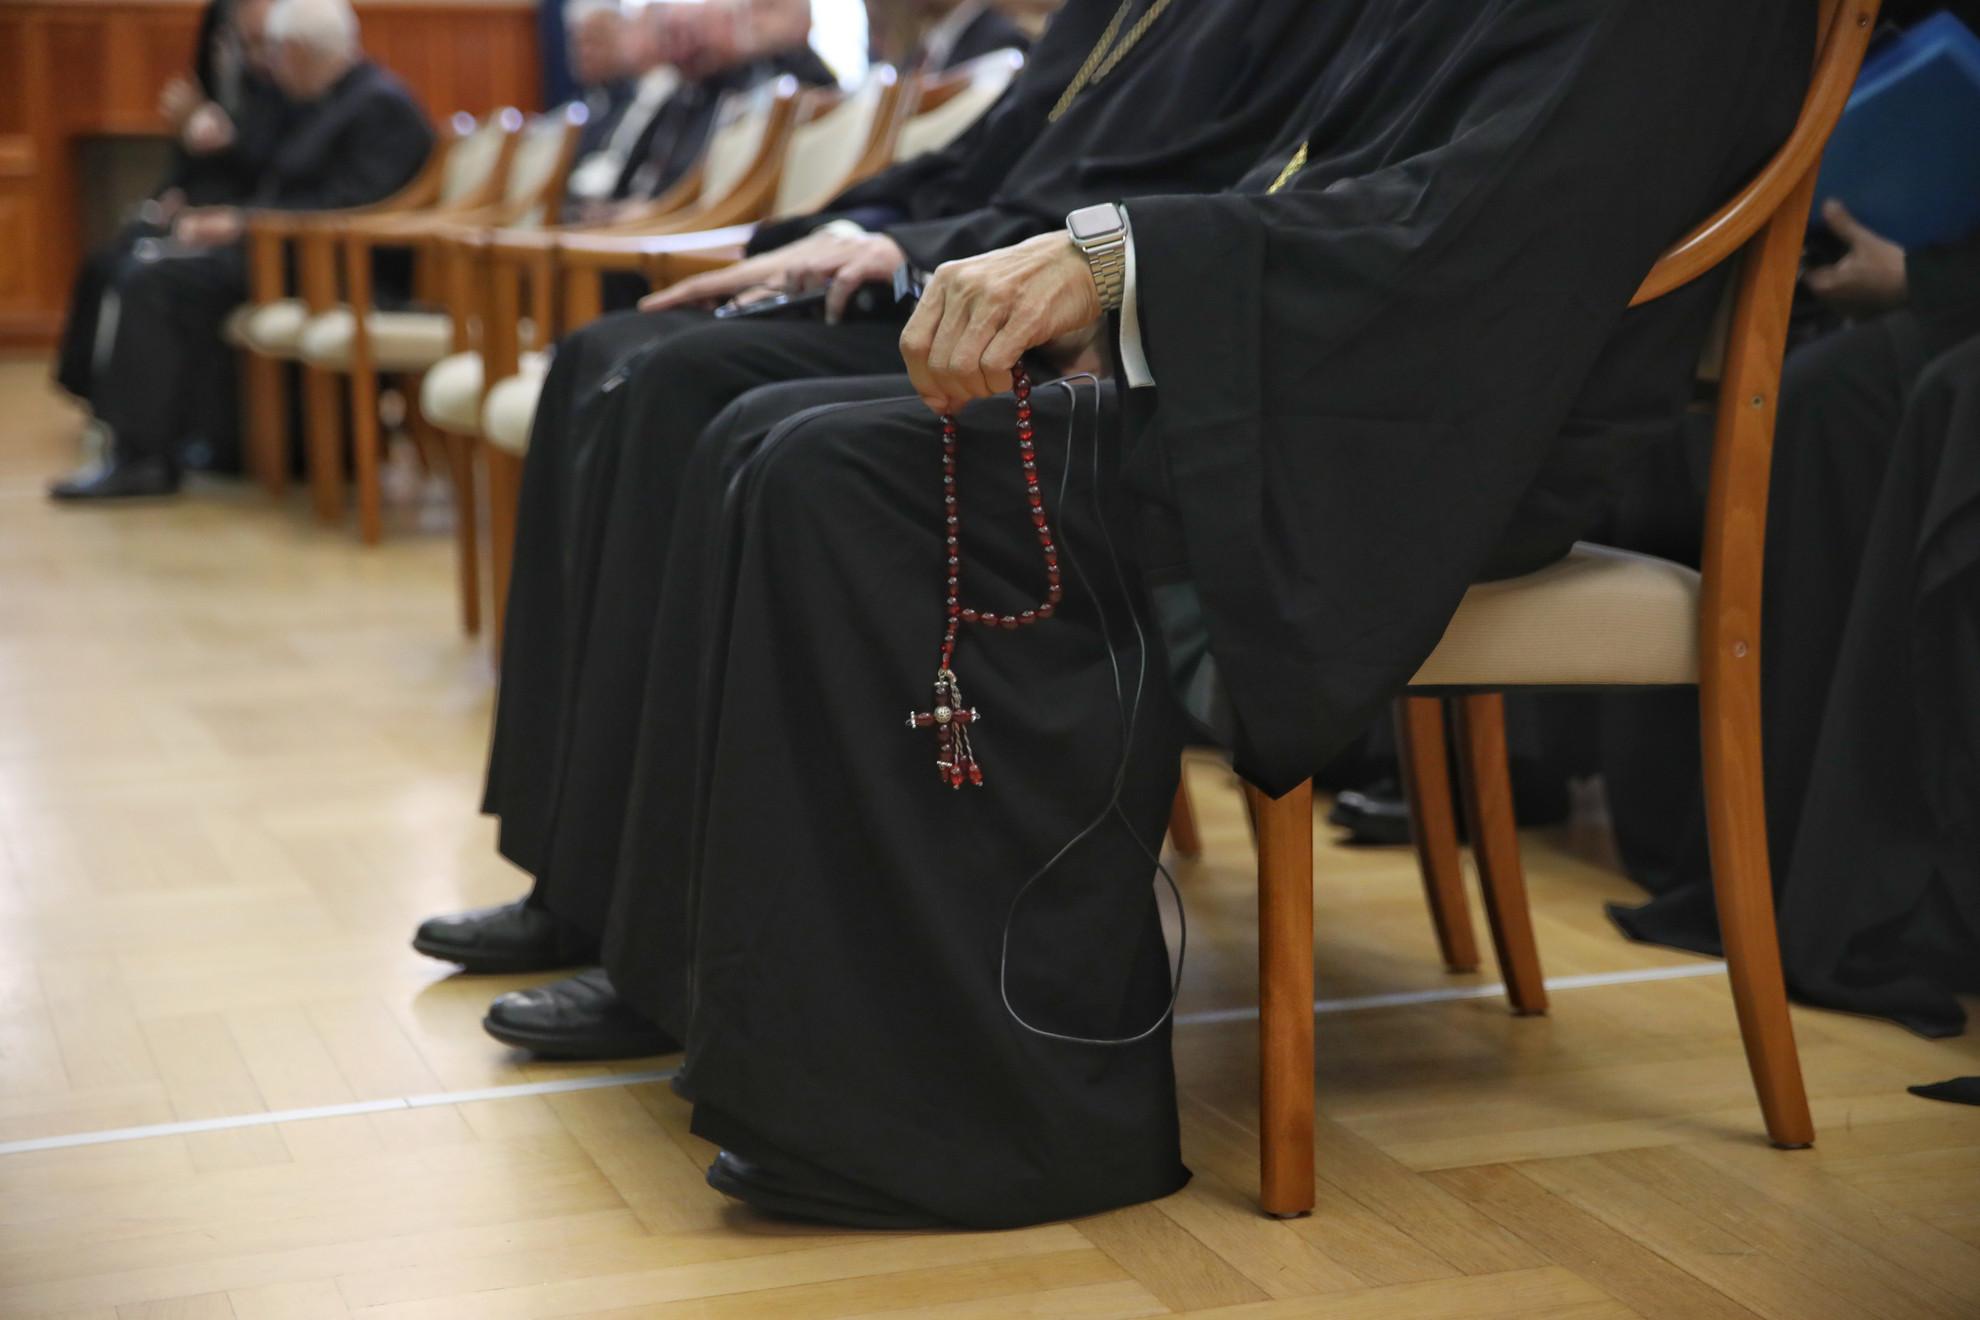 A magyarok többsége szerint a keresztényüldözés súlyos probléma, és a Nyugatnak segítséget kell nyújtania